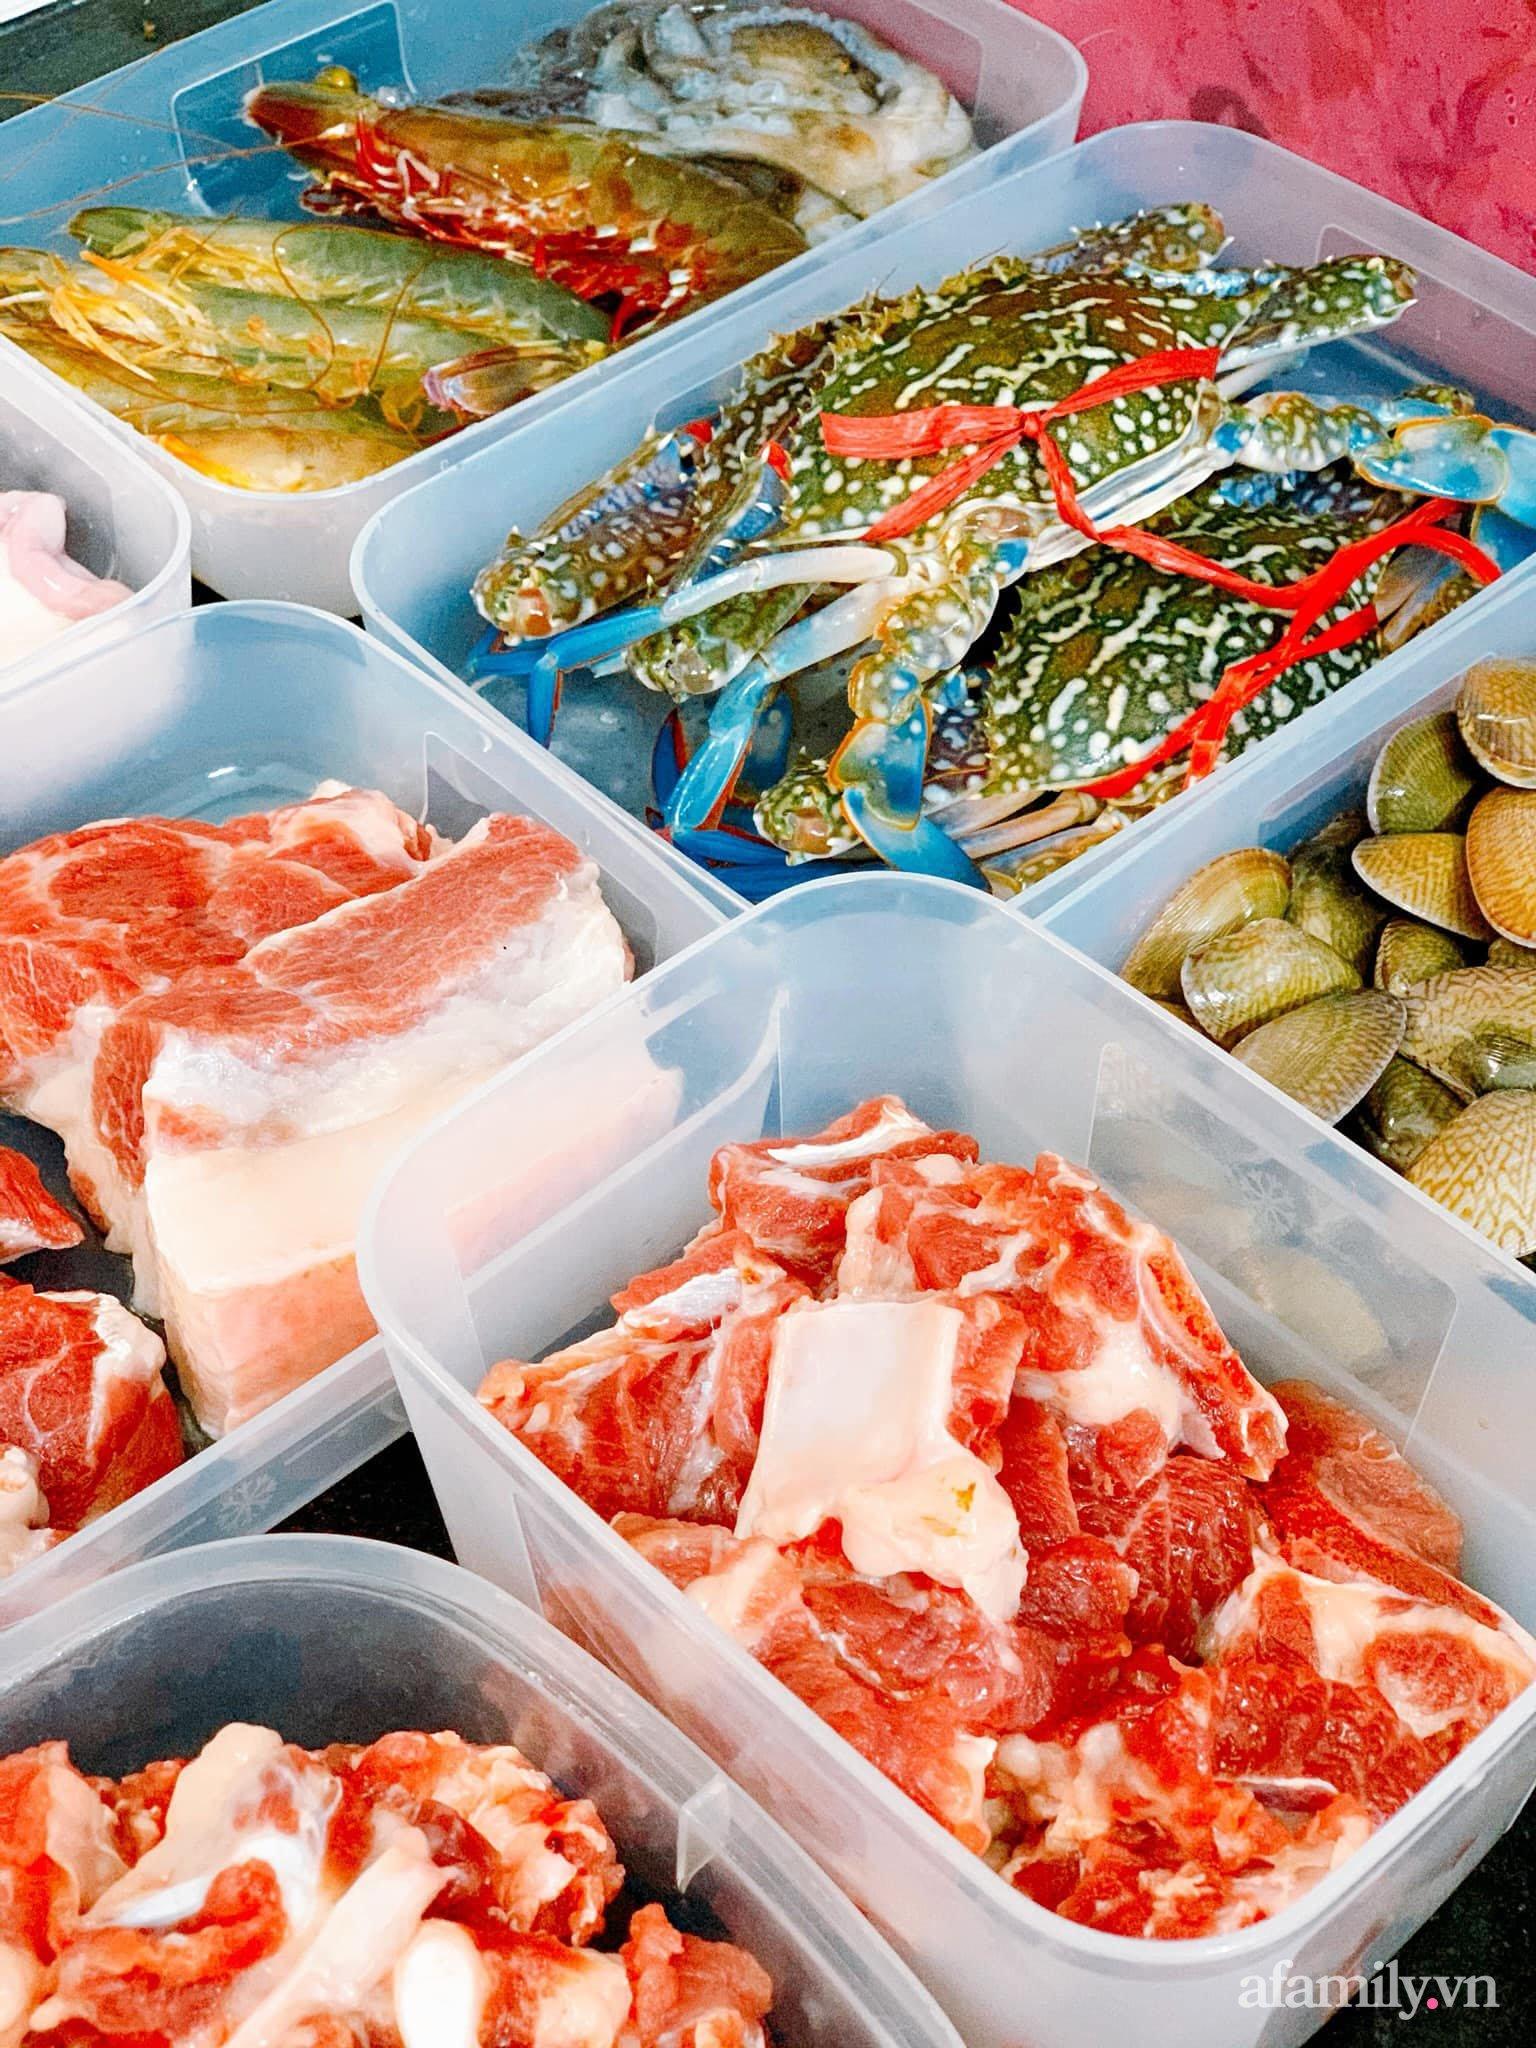 Bà nội trợ ở Quảng Ninh tiết lộ 9 bí kíp chọn mua thực phẩm tươi ngon cho chị em-2